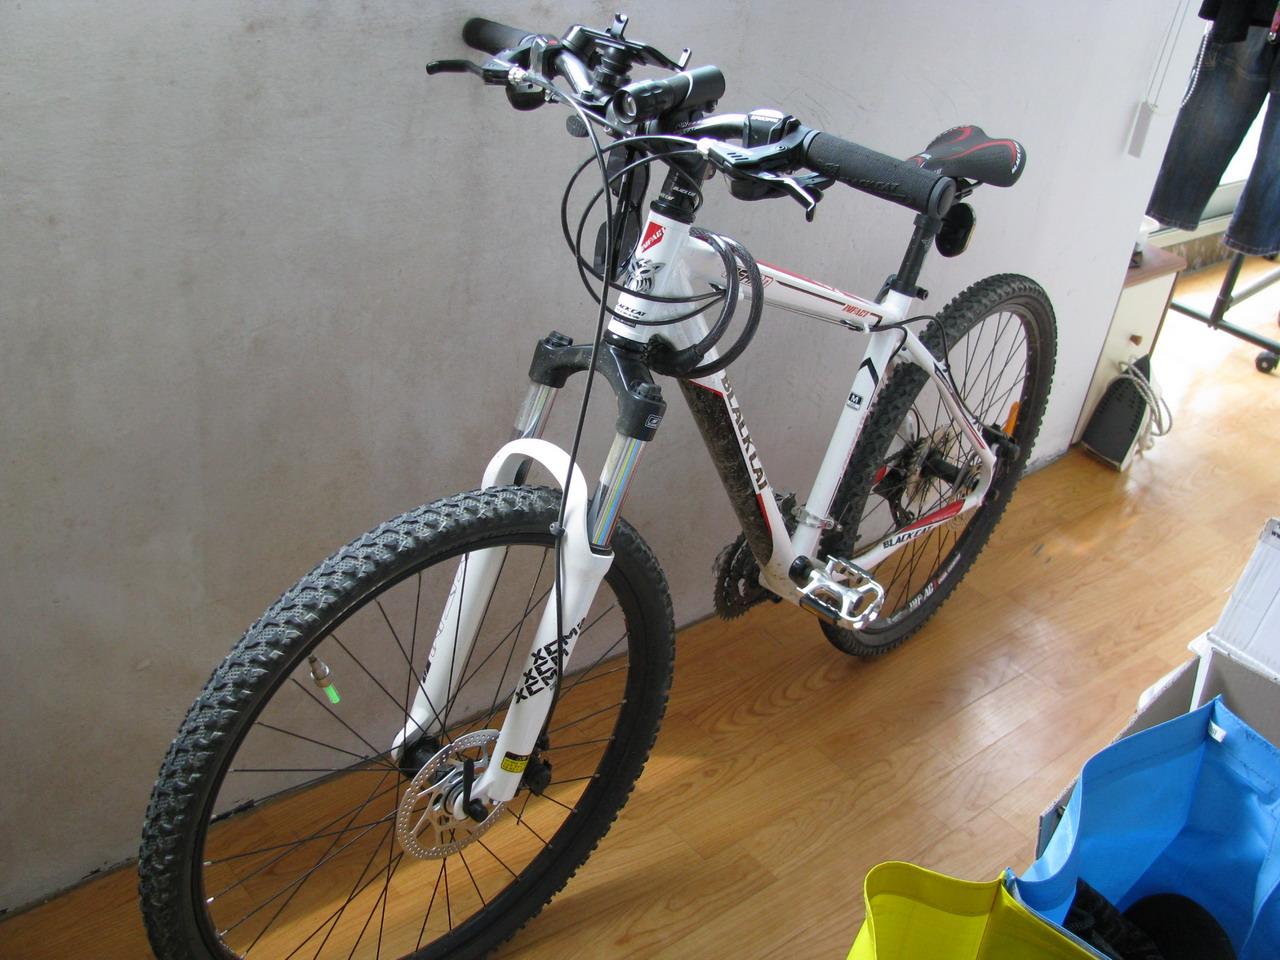 혹시나 싶어 올려보는 자전거 차대번호와 사진